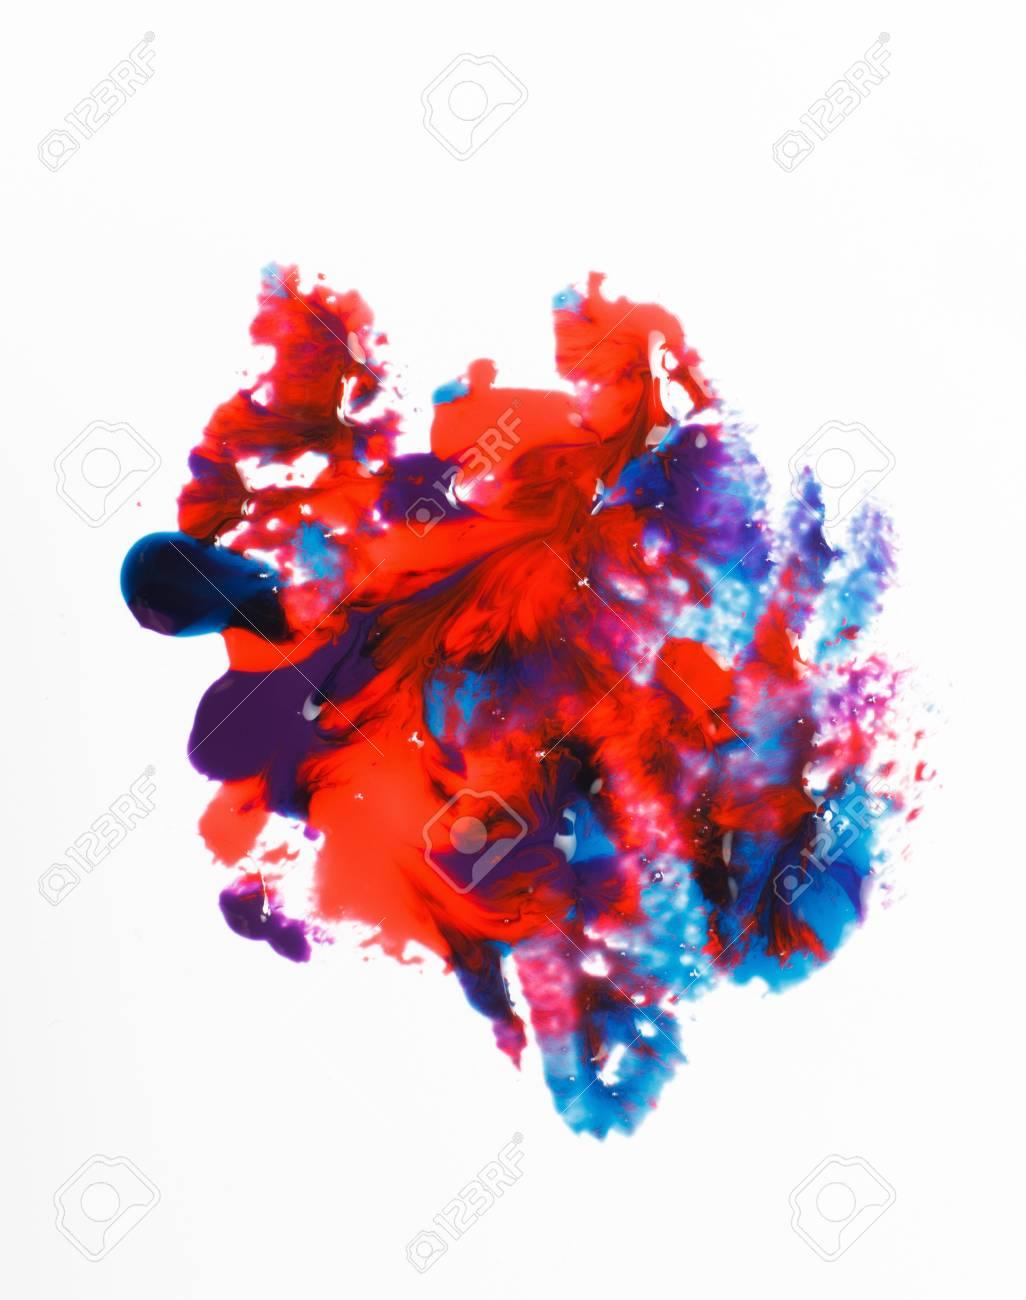 Art Créatif Moderne Peinture Abstraite Mélange De Couleurs Vives